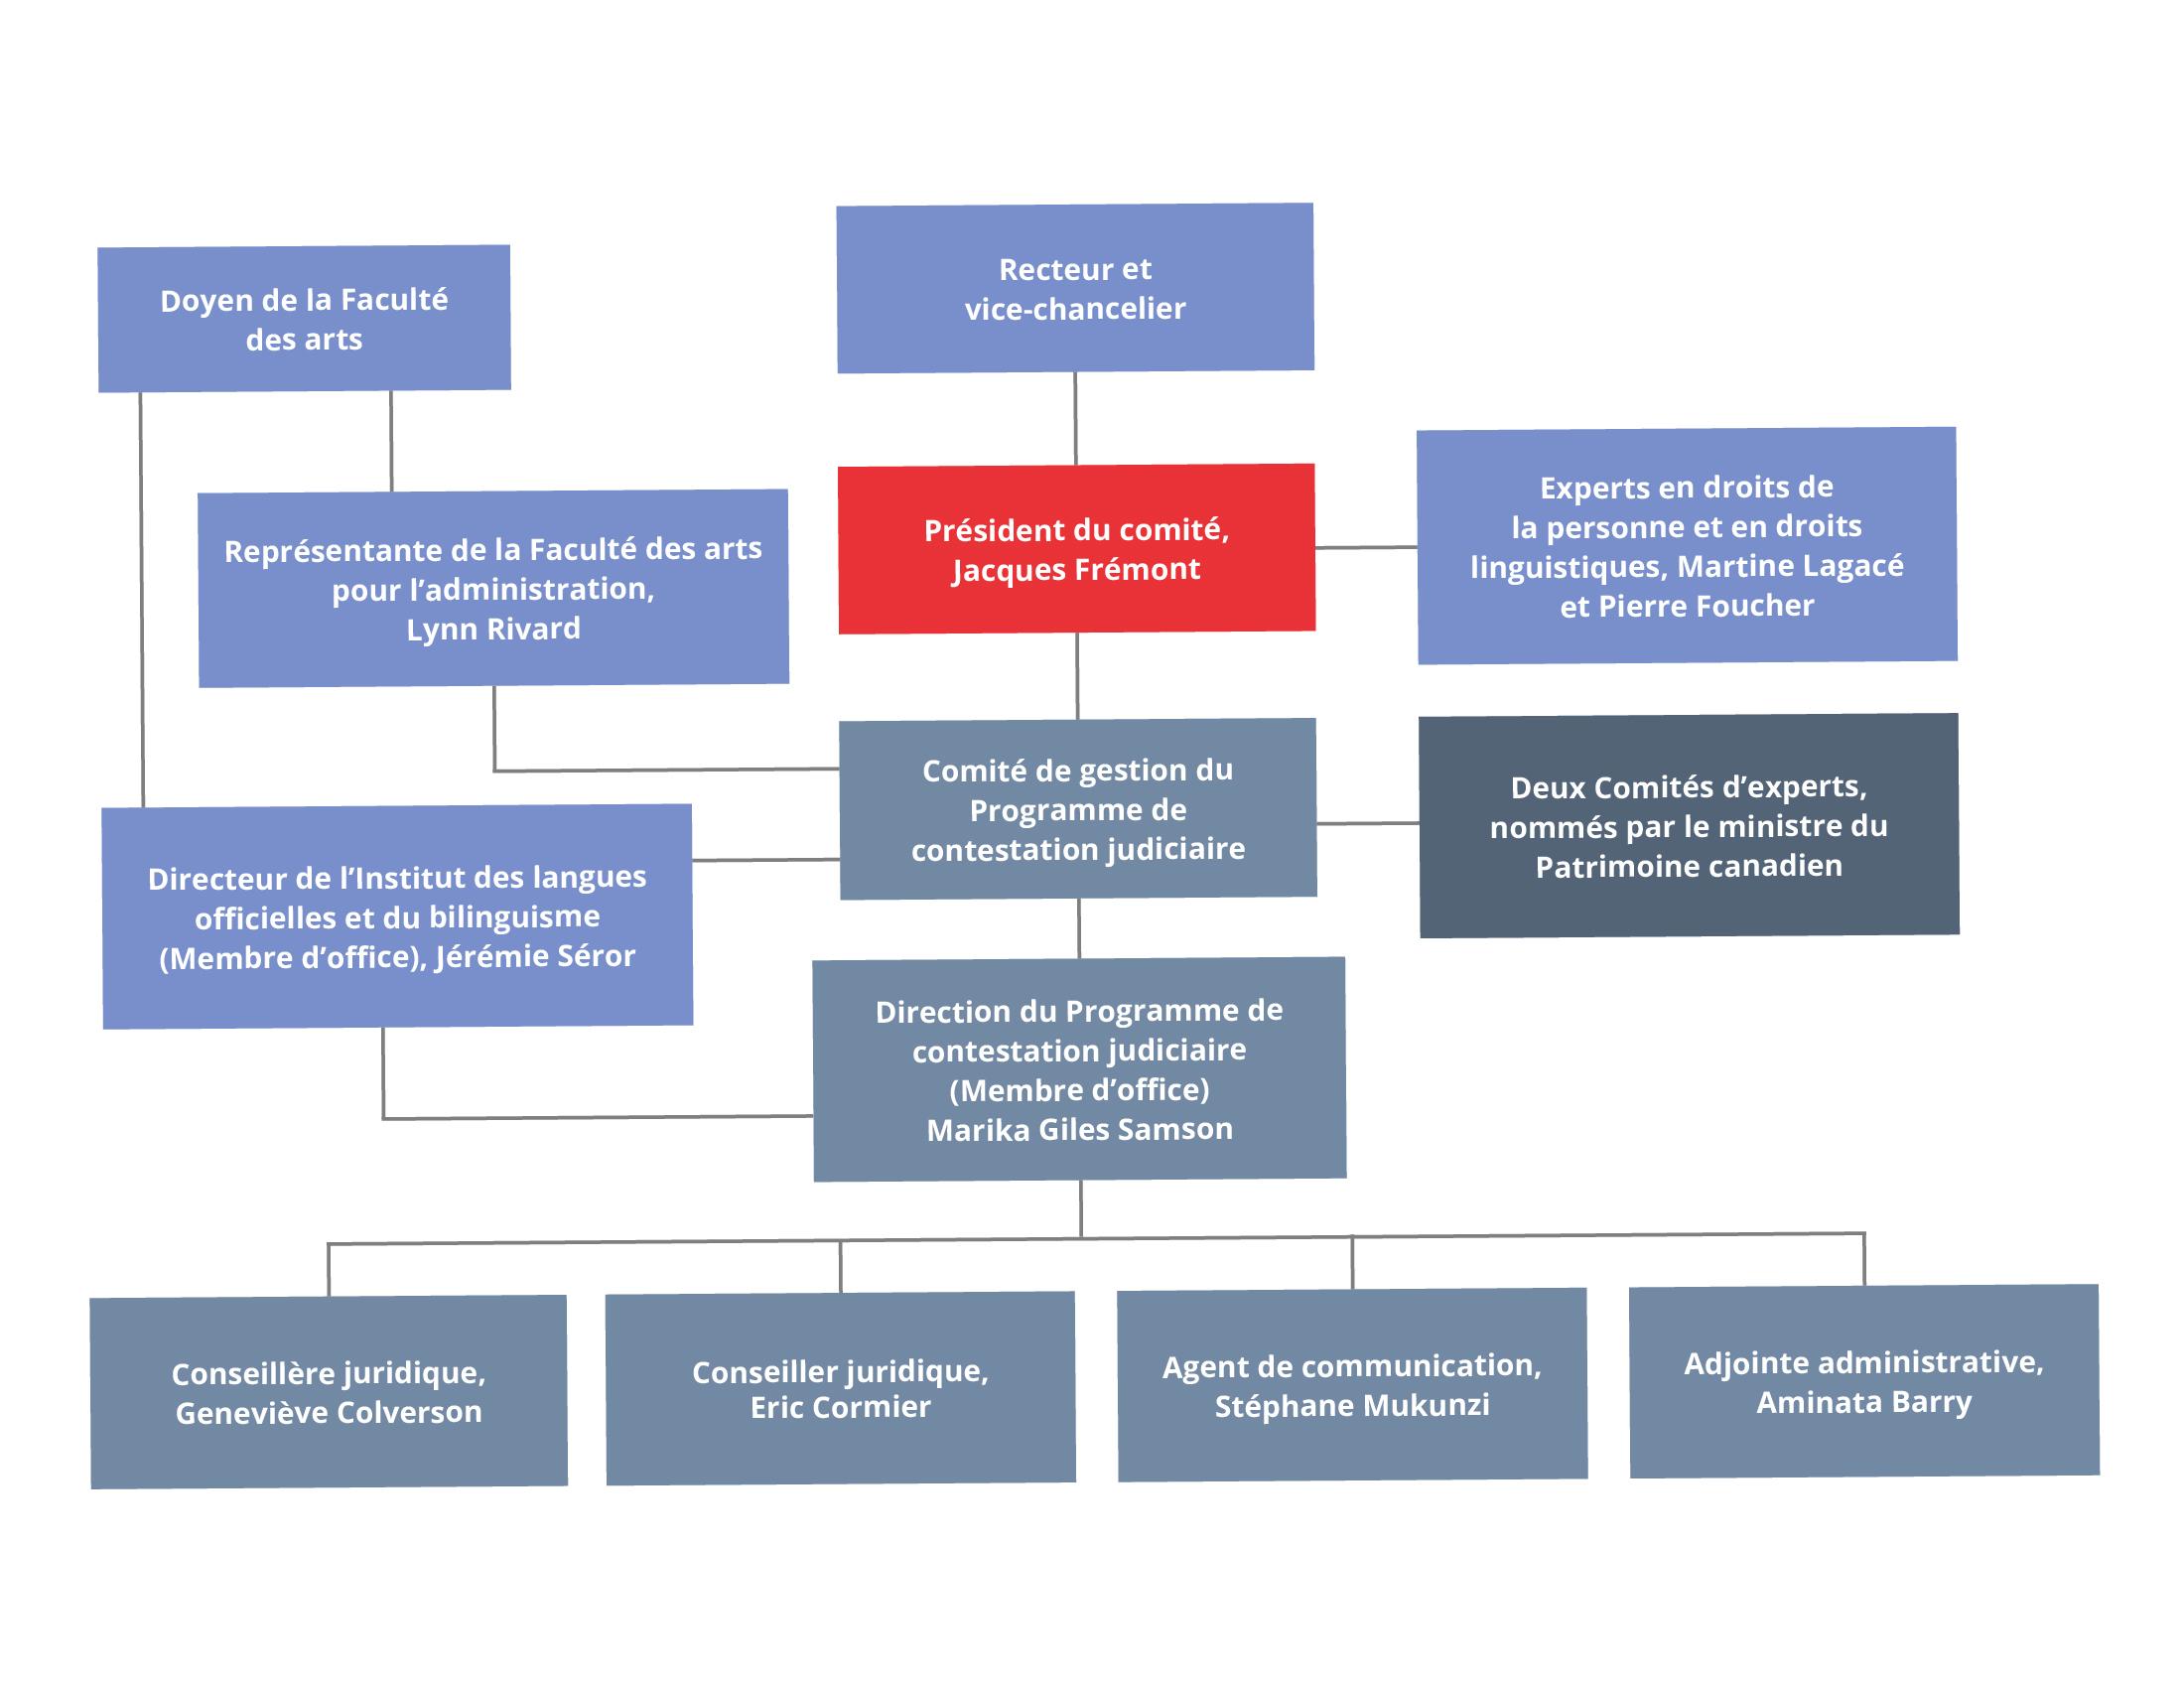 Organigramme accessible – Voir le plan après image